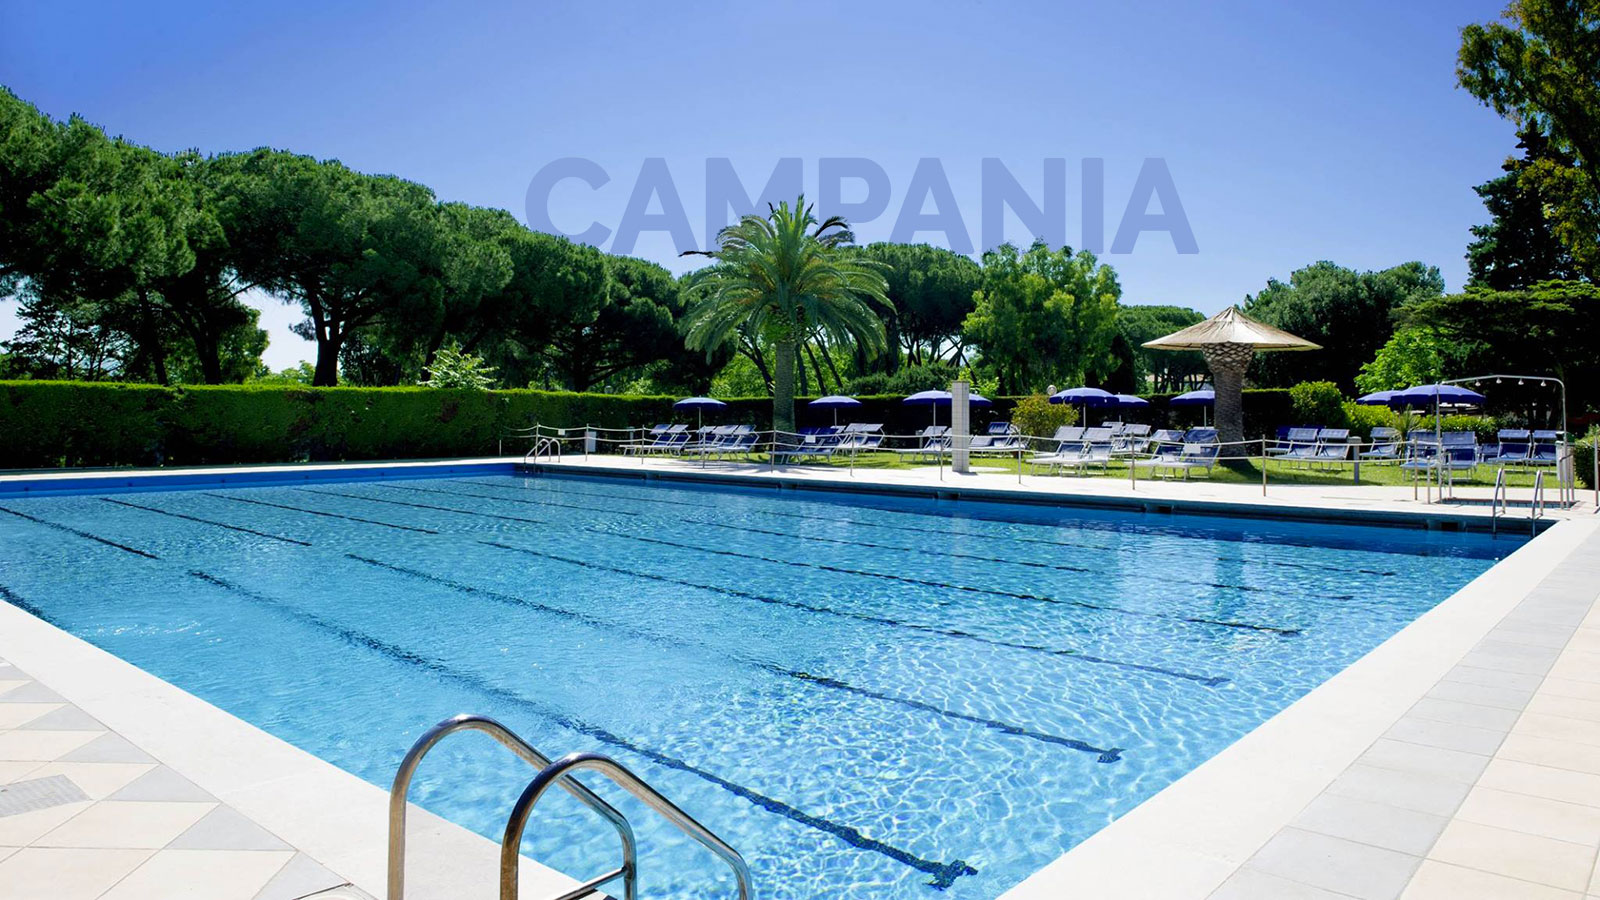 Estate INPSieme soggiorno in Sardegna